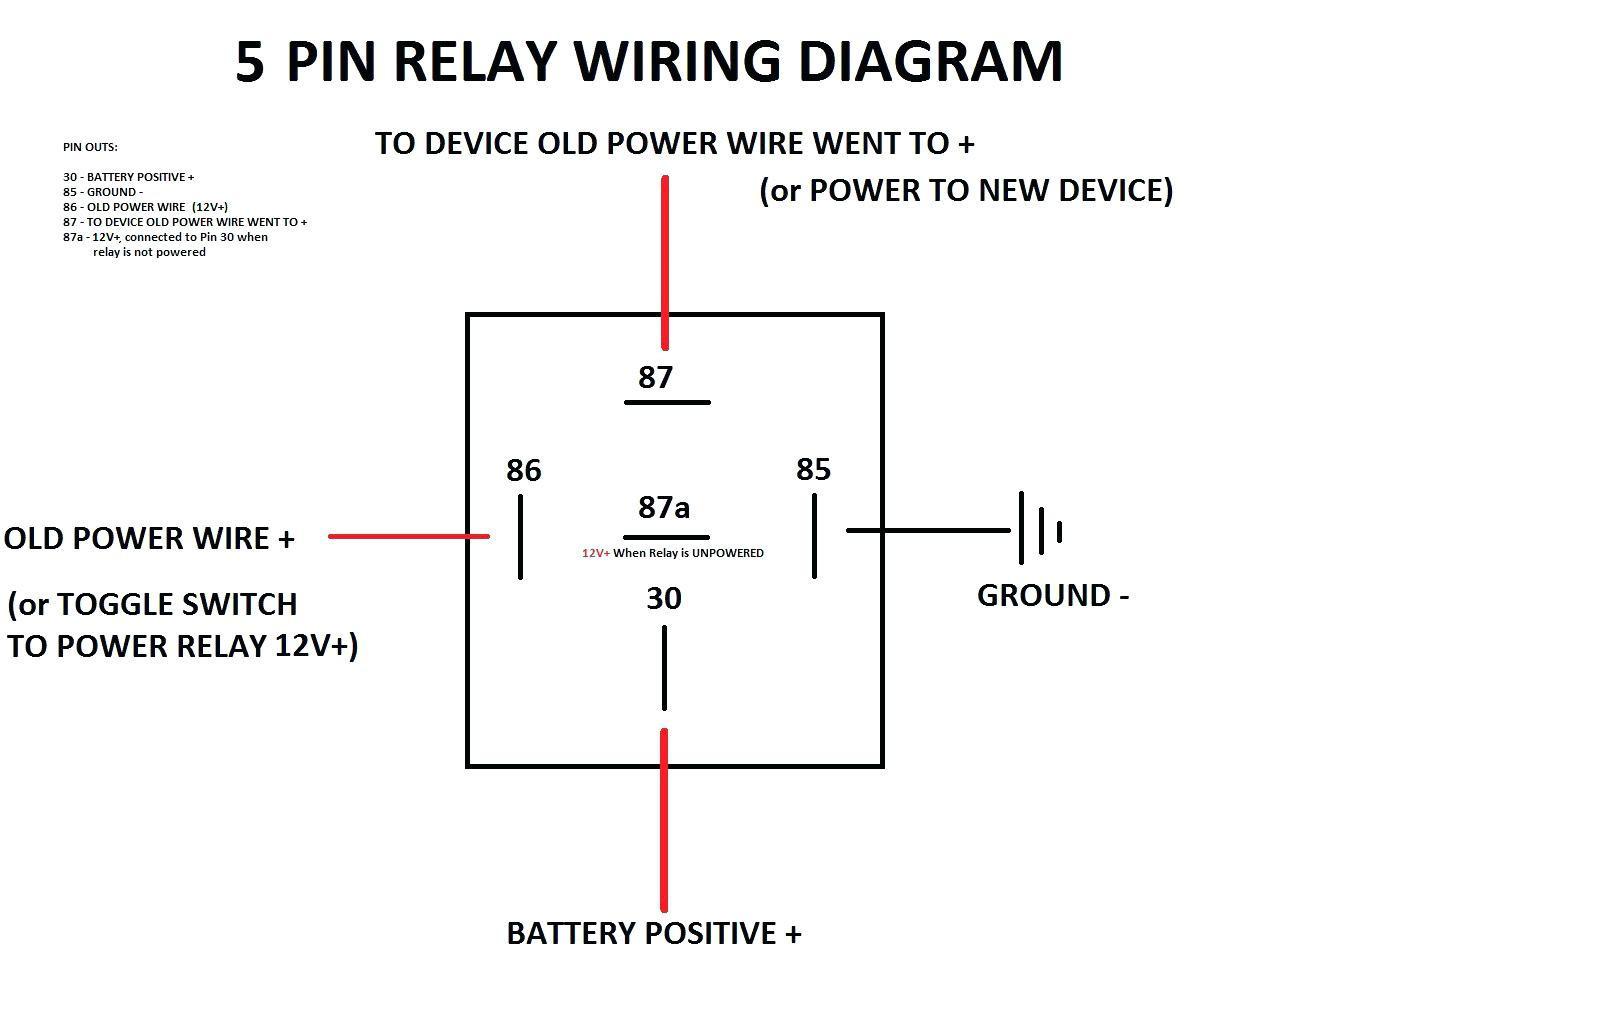 Spdt Relay Wiring Diagram - Wiring Diagrams Click - 12 Volt Relay Wiring Diagram